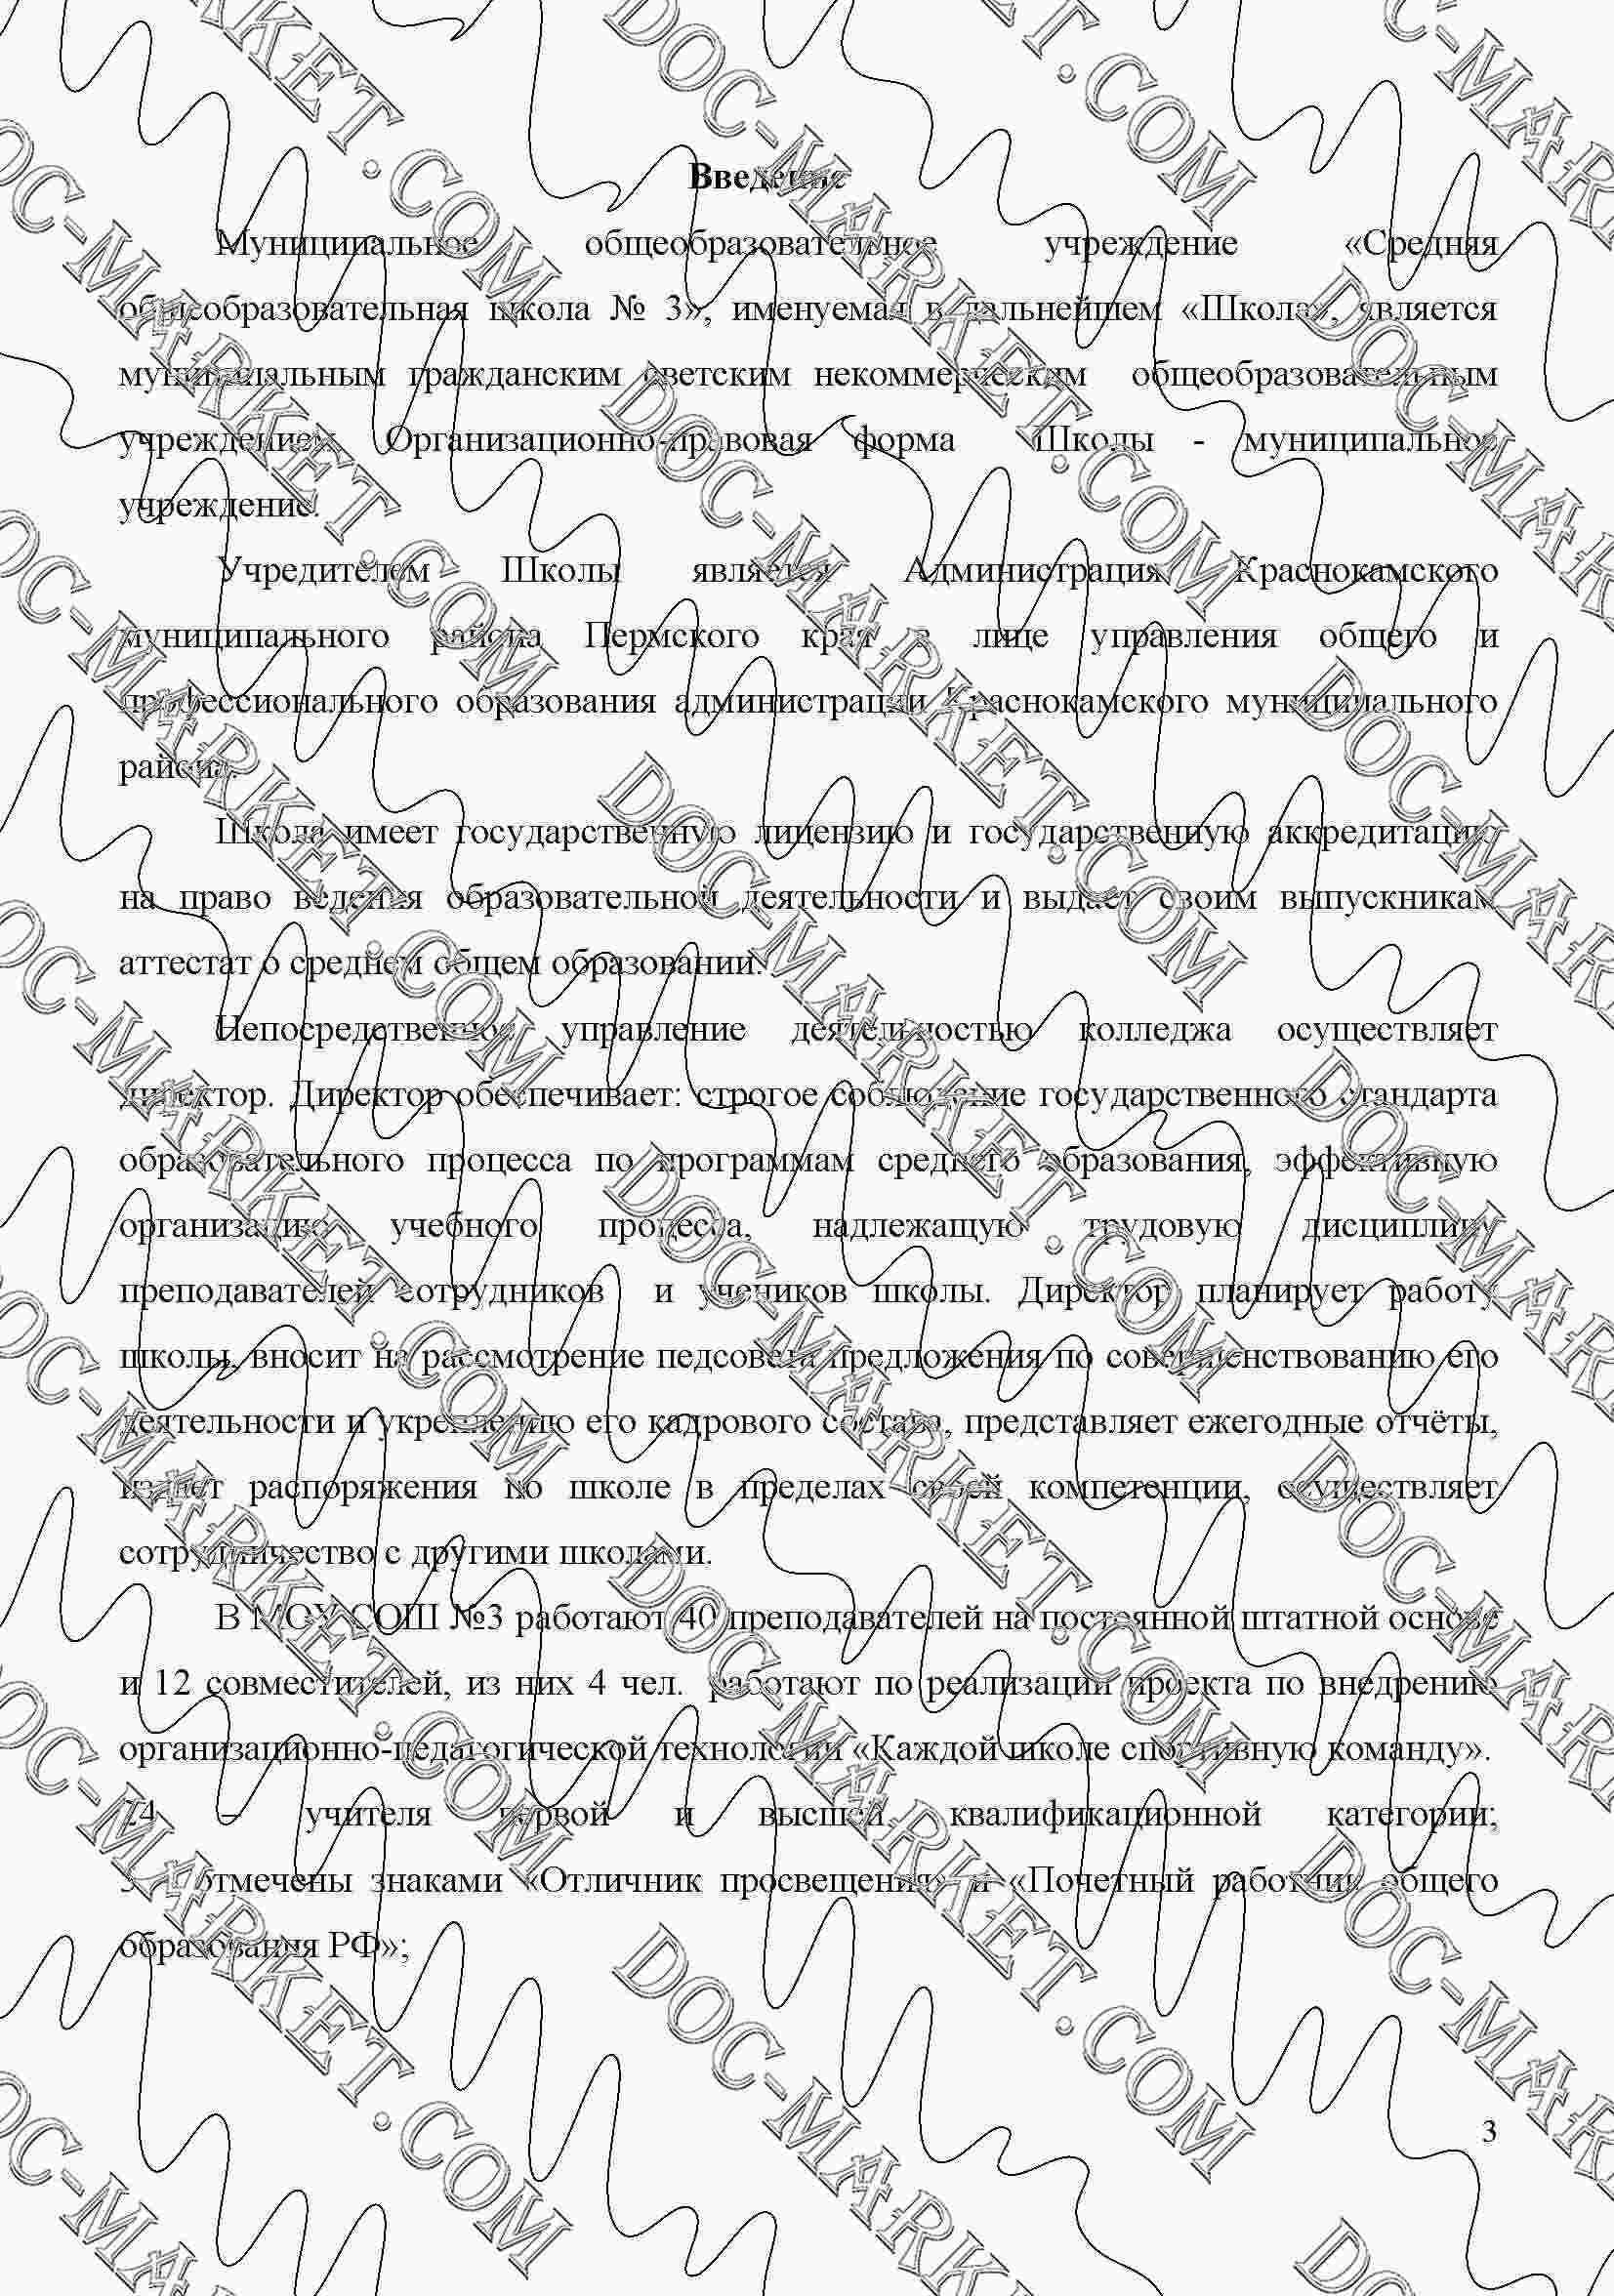 Отчет По Практике В Втб  doc market com files doc